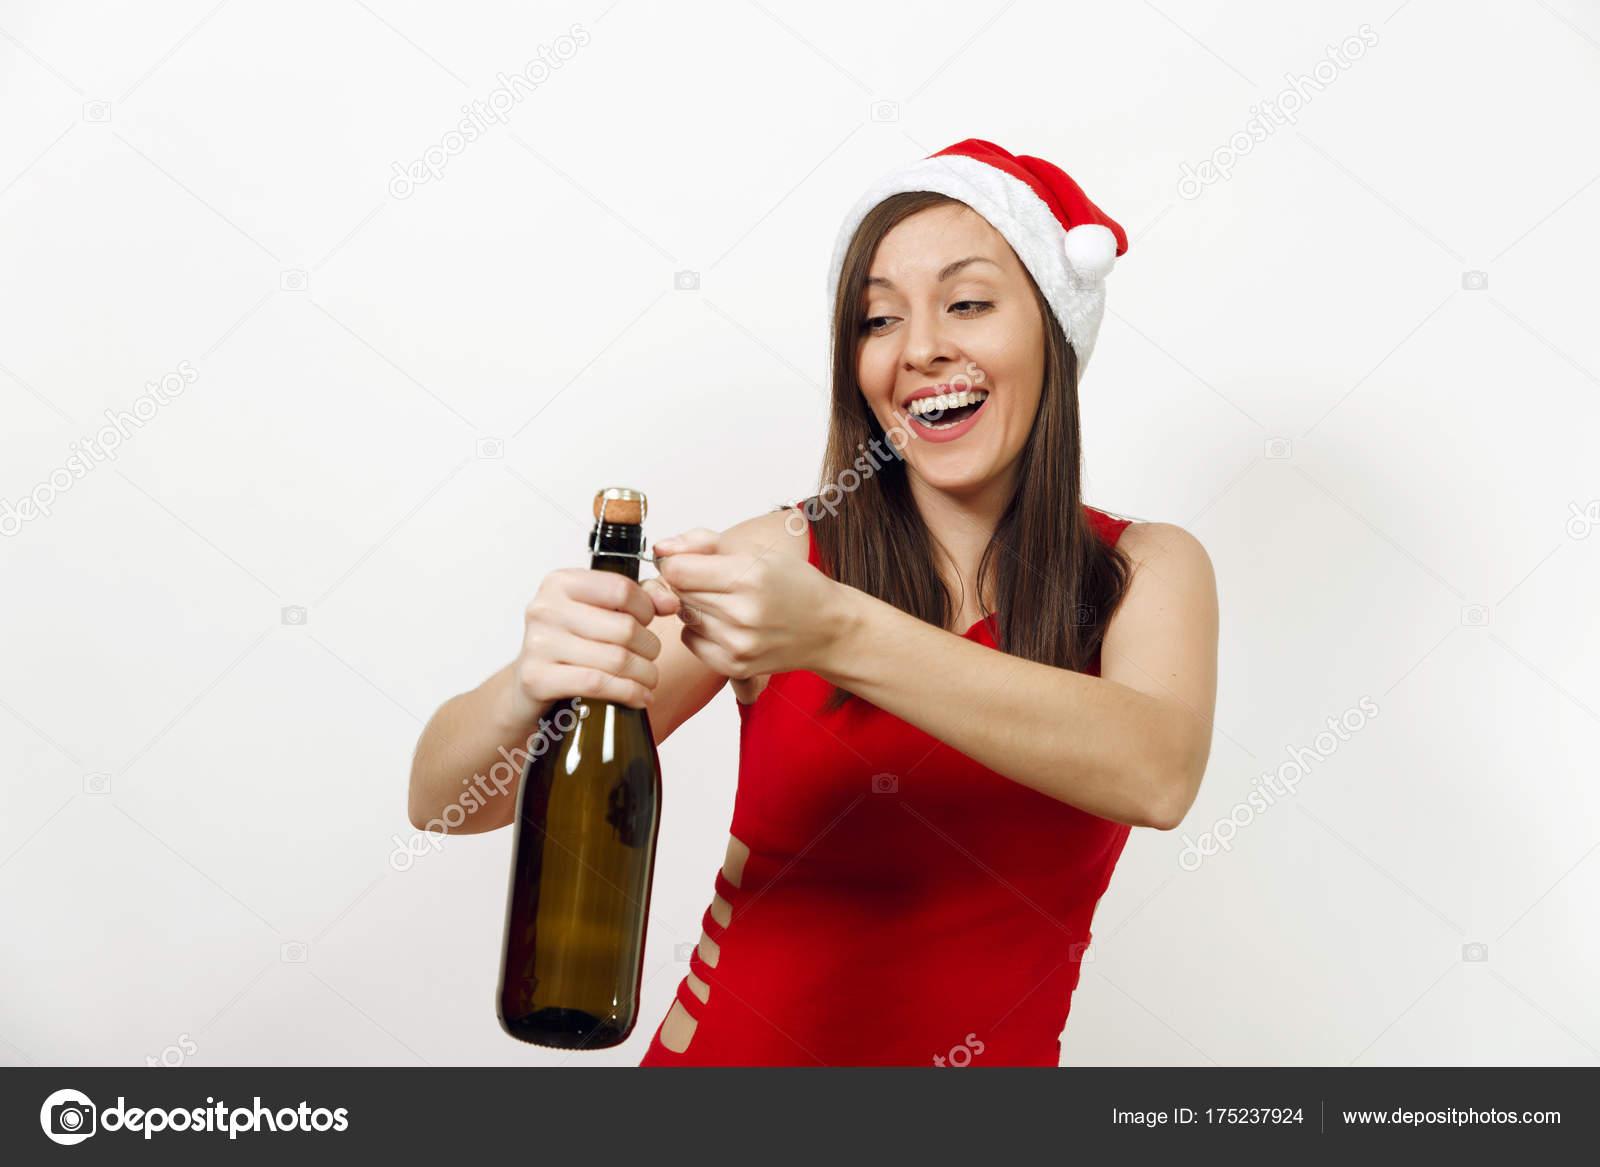 0ecf64f88 ... caucásica feliz joven con sonrisa encantadora en vestido rojo y  sombrero de la Navidad tratando de abrir la botella de champagne sobre fondo  blanco.